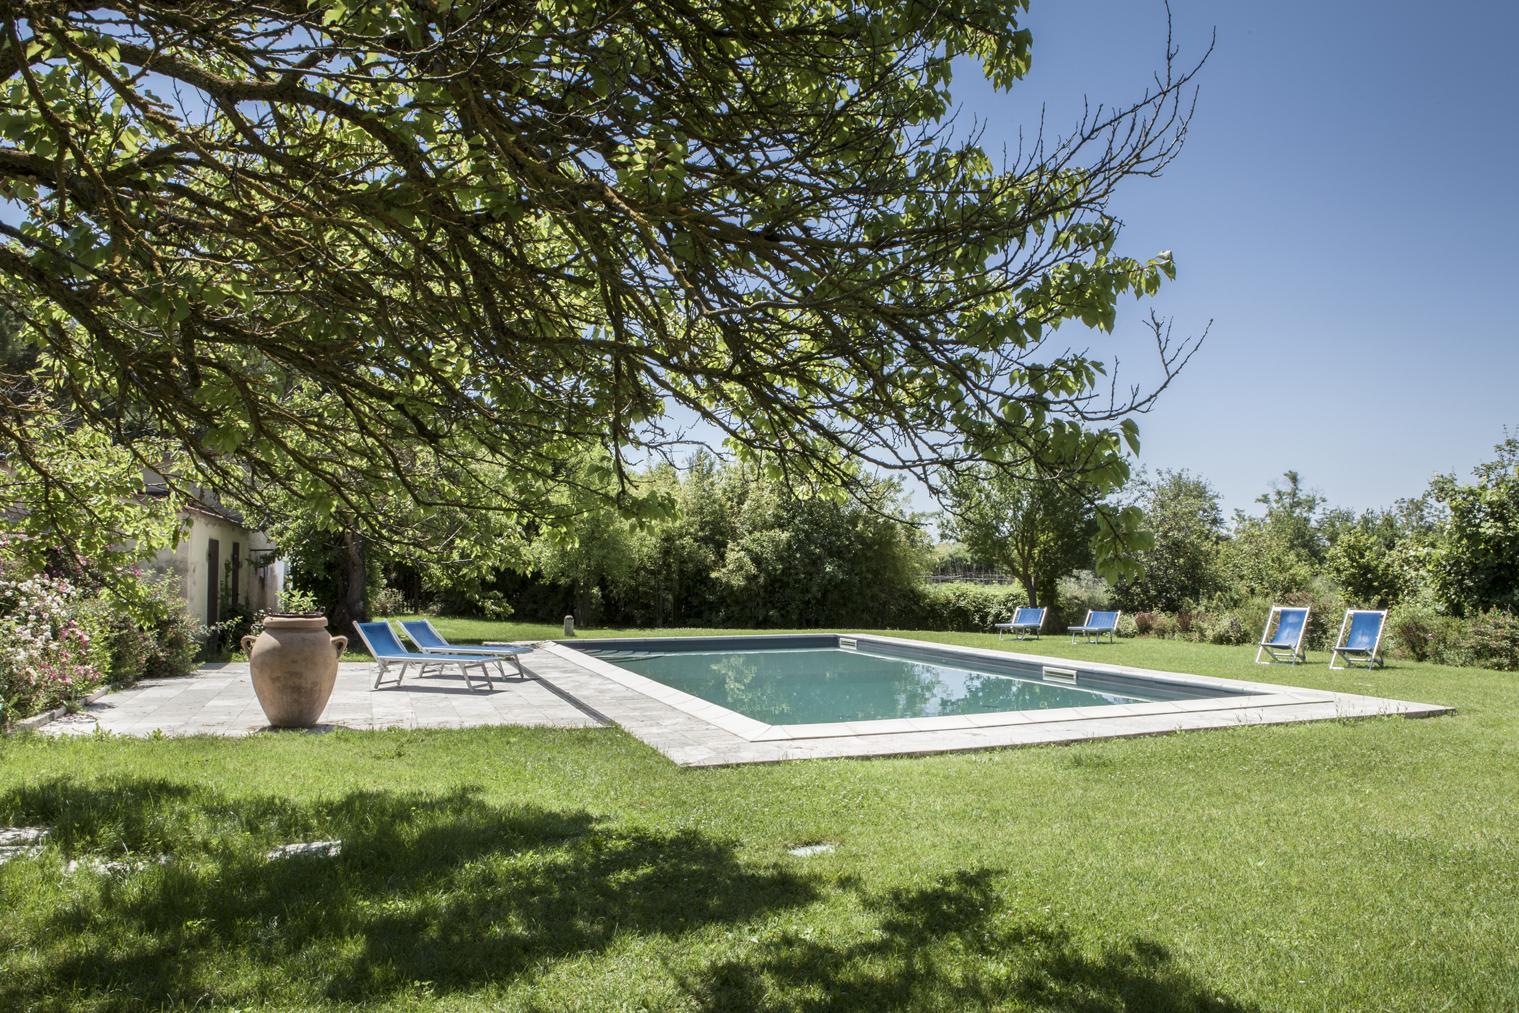 Agriturismo con piscina in toscana vicino a siena - Agriturismo siena con piscina ...